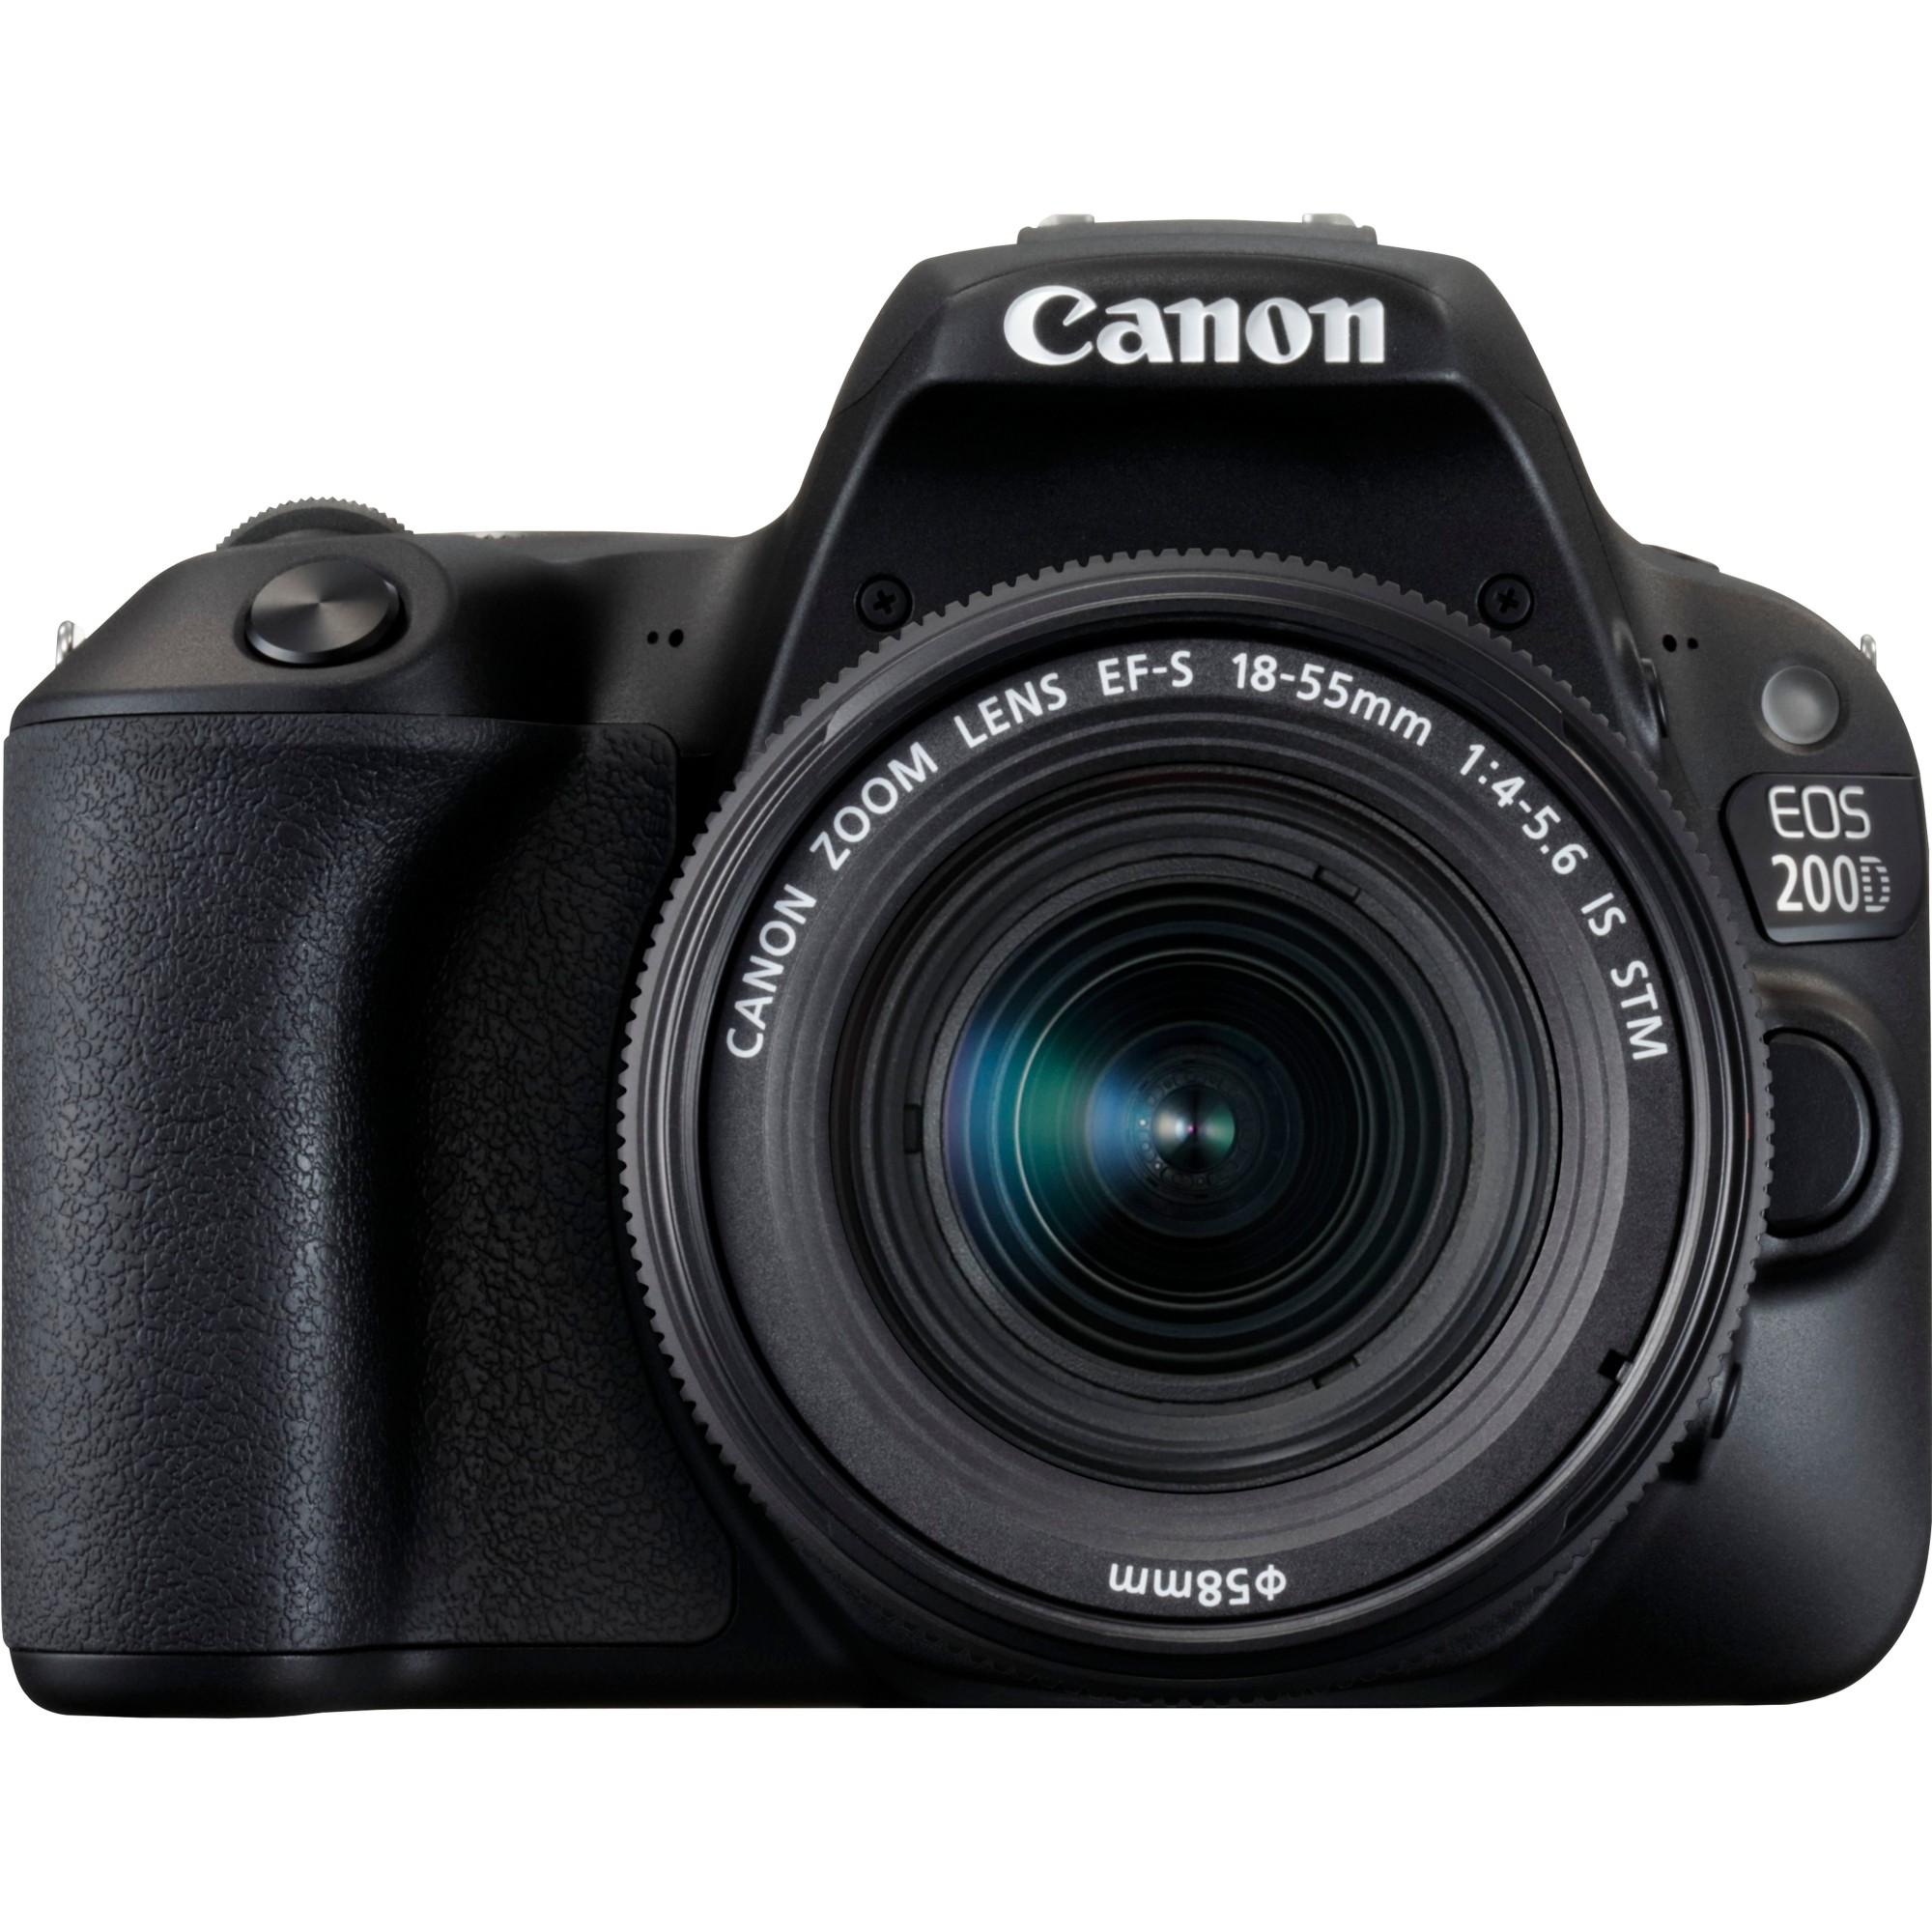 Canon EOS 200D + EF-S 18-55mm f/4-5.6 IS STM SLR Camera Kit 24.2MP CMOS 6000 x 4000pixels Black